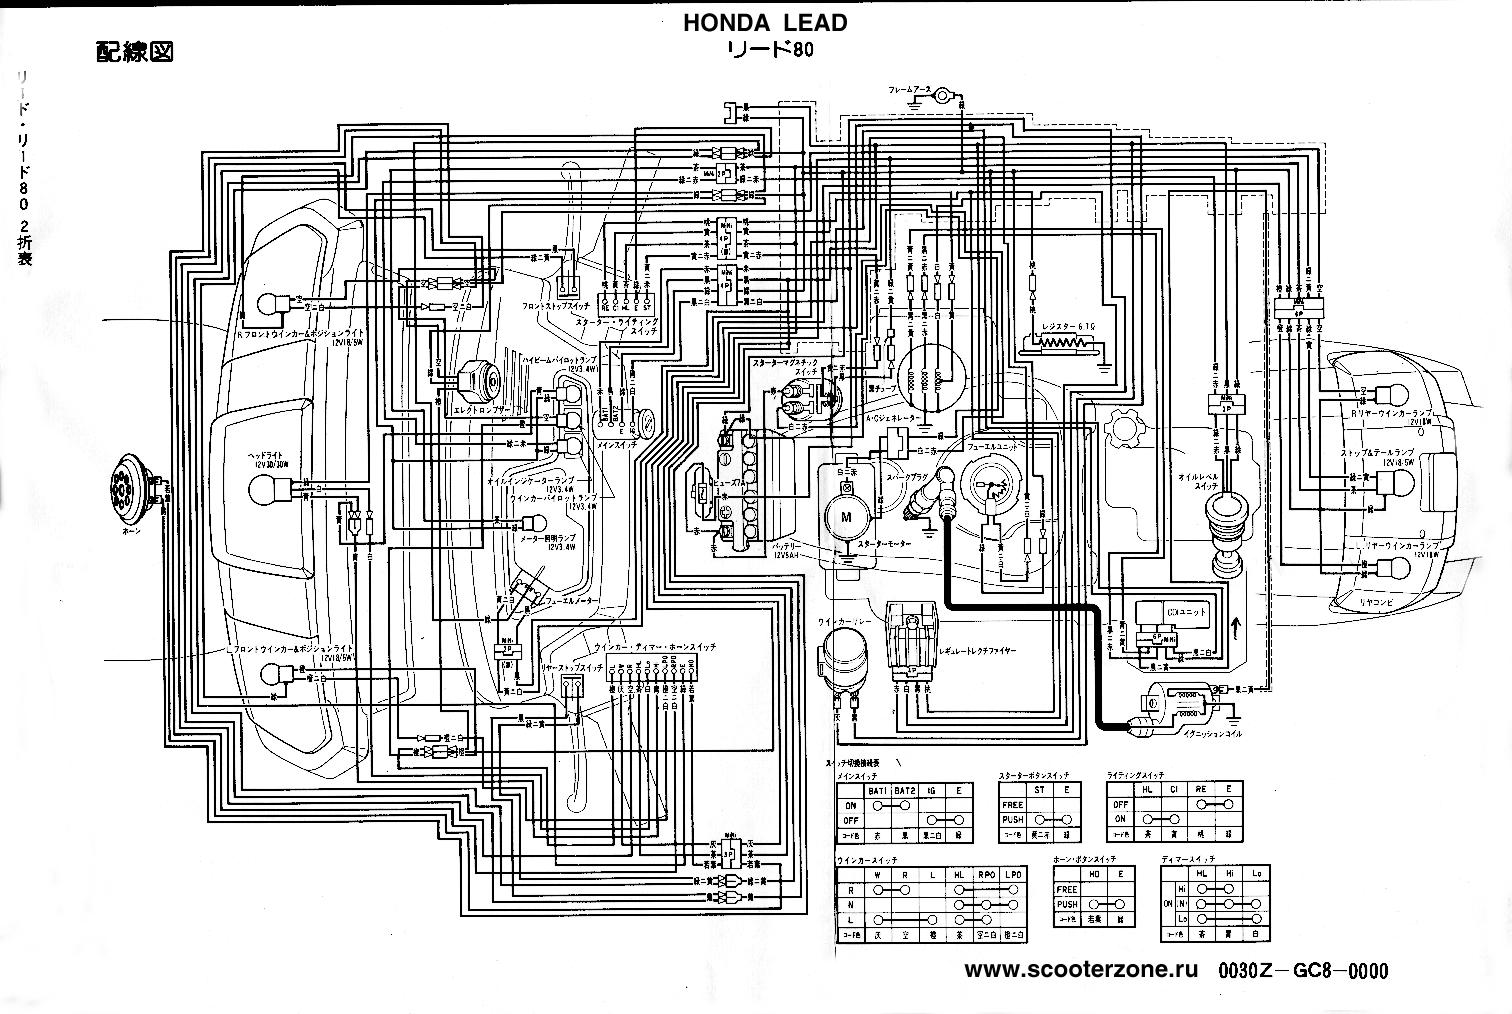 Honda Lead 50 (старого образца) — руководство по ремонту электрооборудования